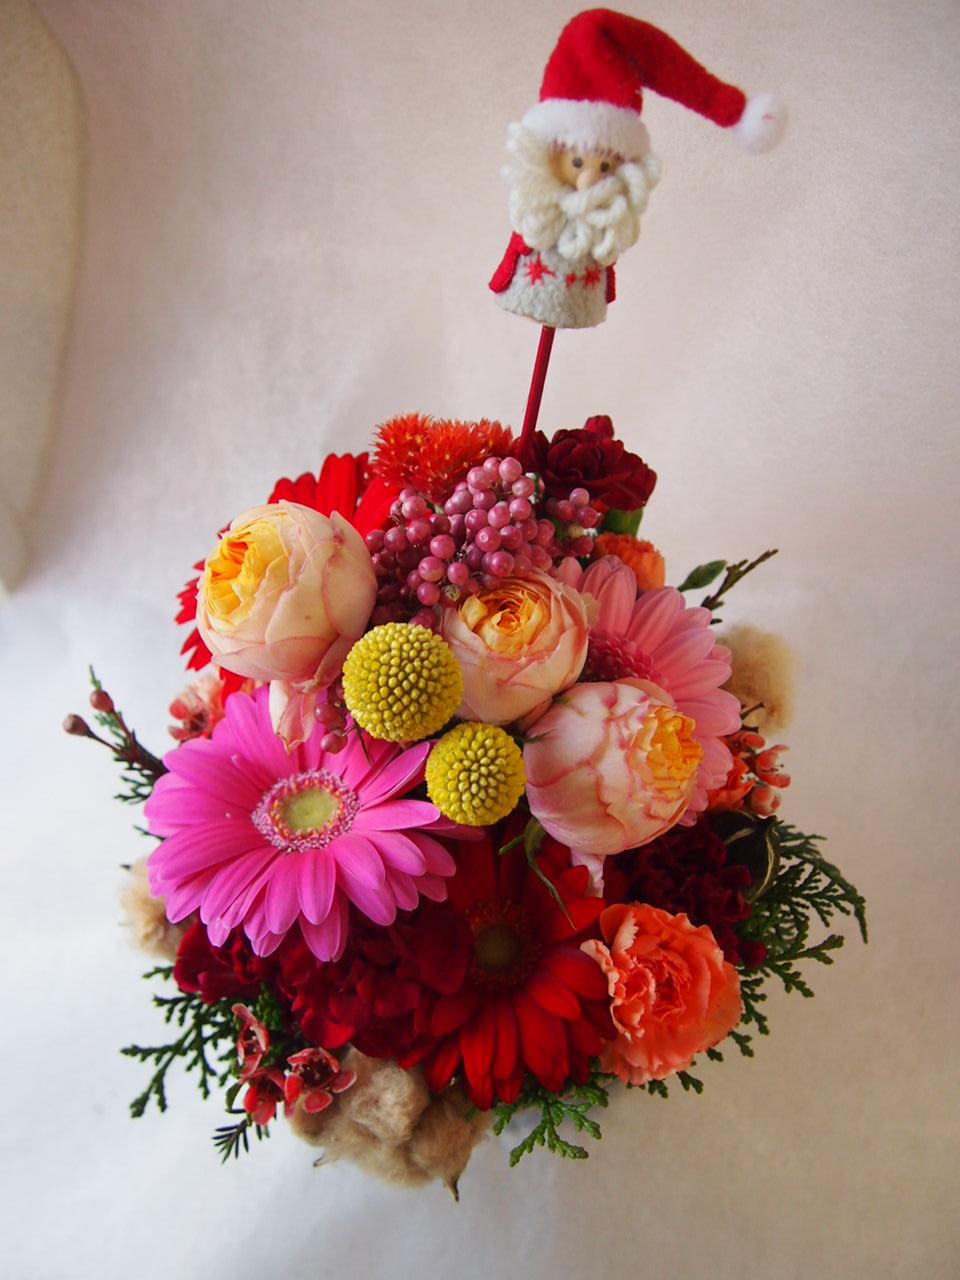 花ギフト|フラワーギフト|誕生日 花|カノシェ話題|スタンド花|ウエディングブーケ|花束|花屋|37566